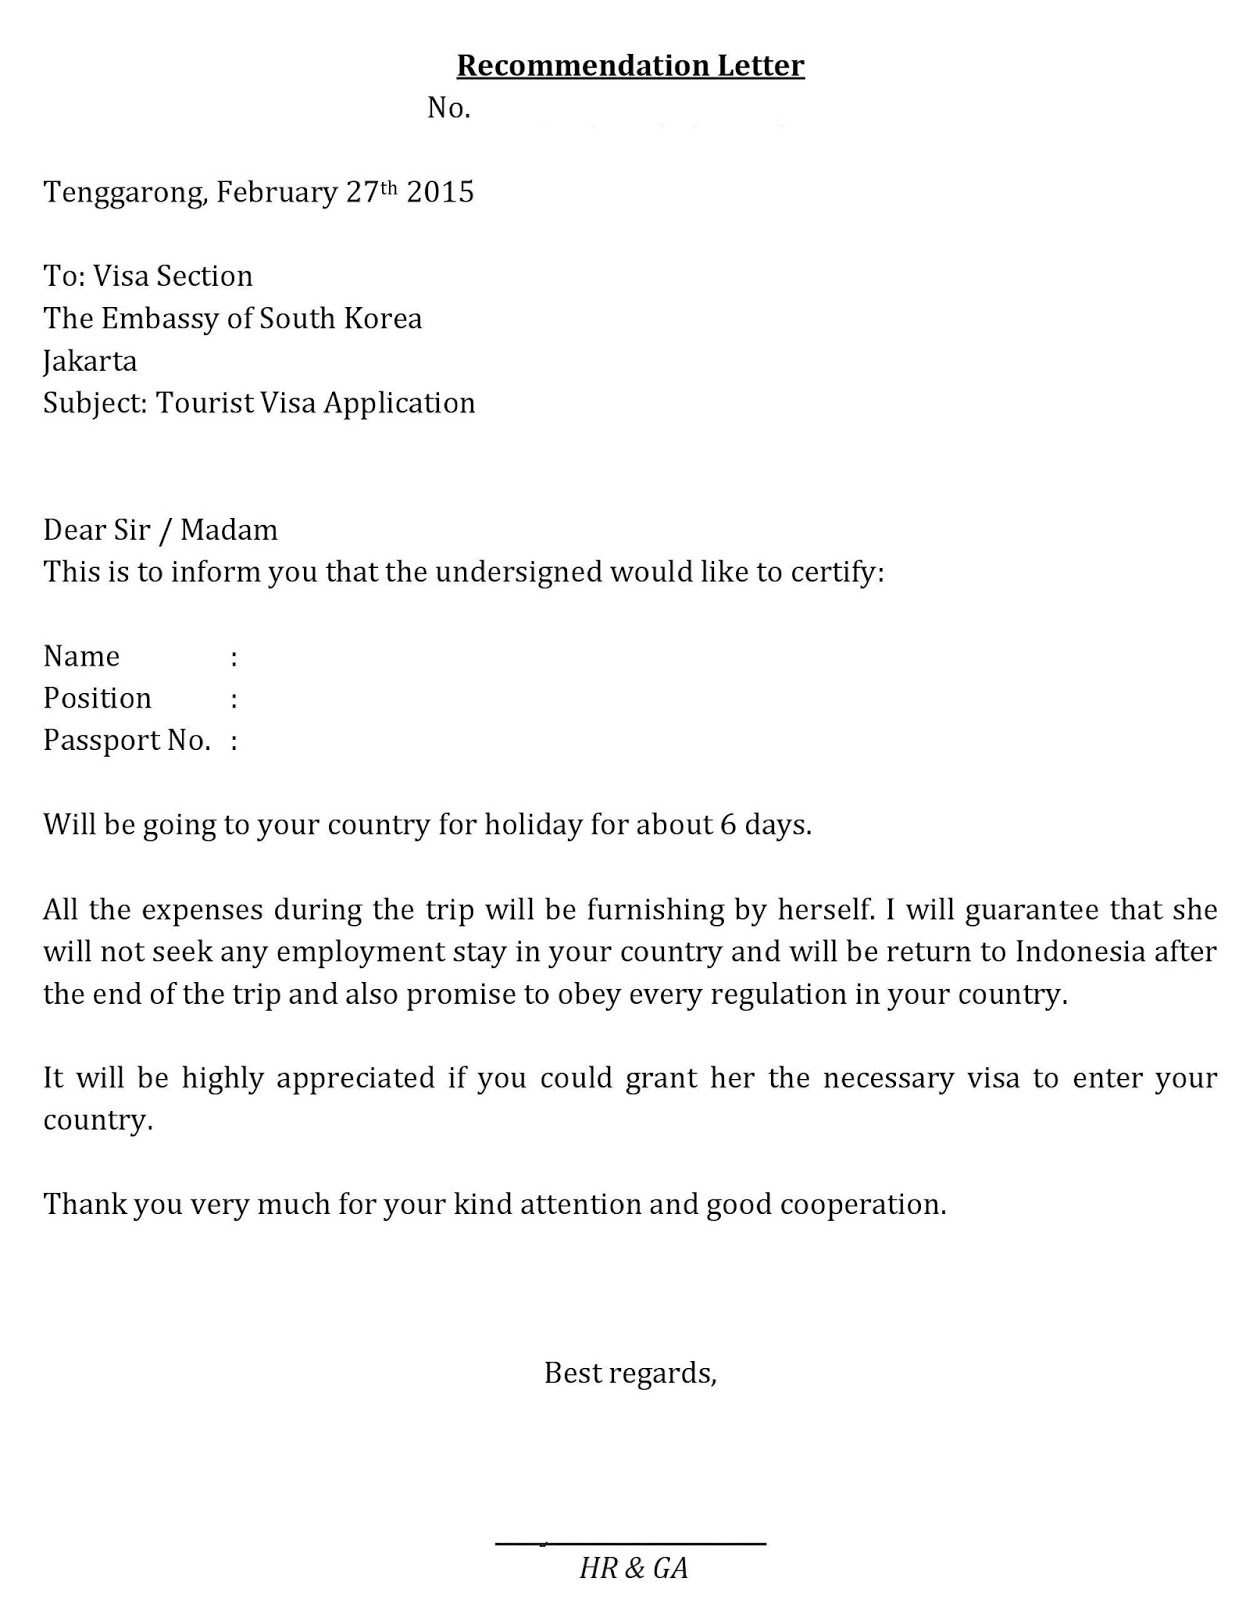 contoh surat sponsor untuk visa dalam bahasa inggris surat f